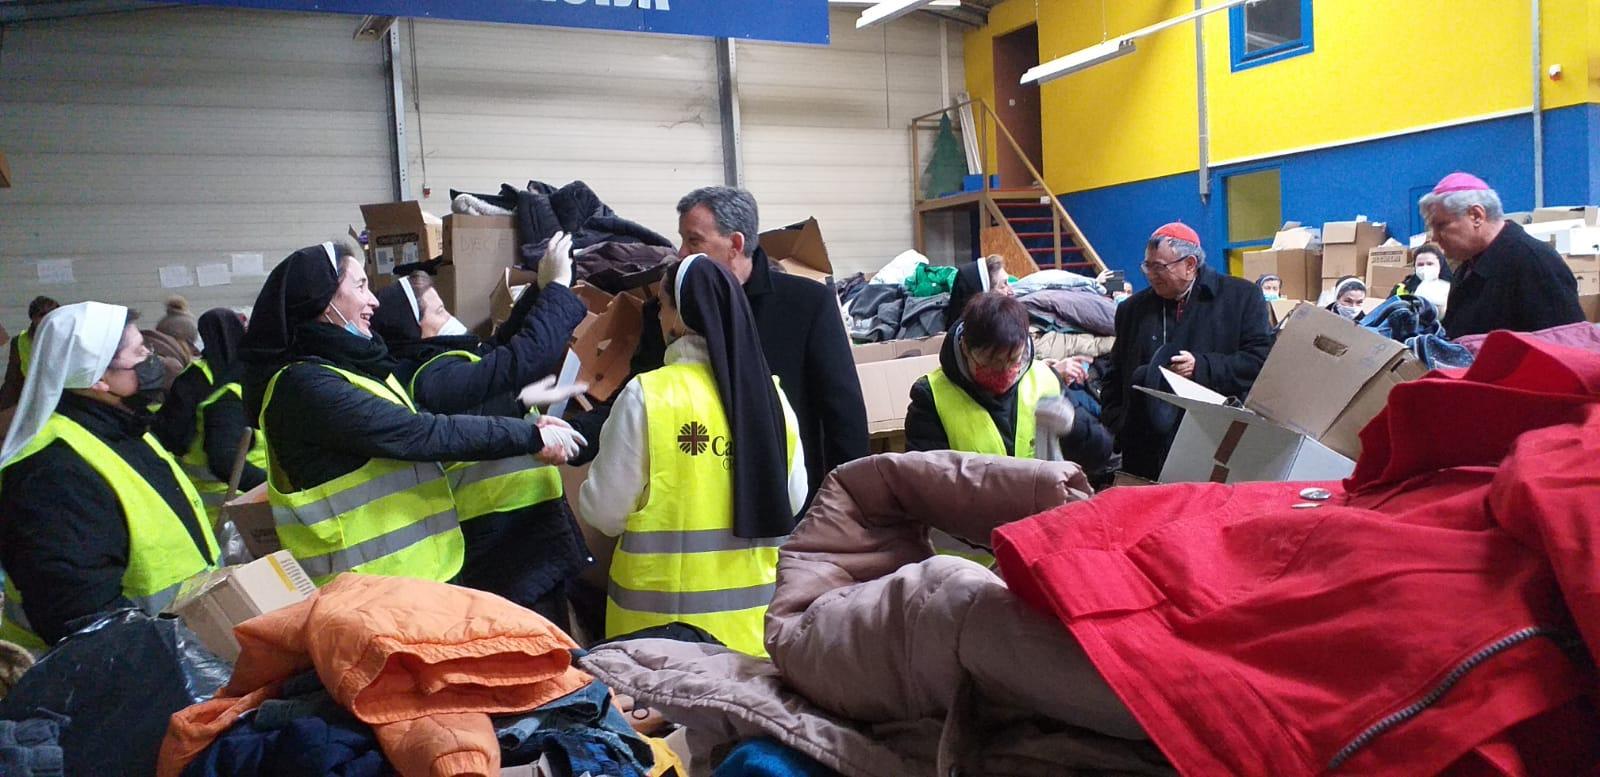 Hrvatska redovnicka konferencija pomaze stradalima u potresu 9